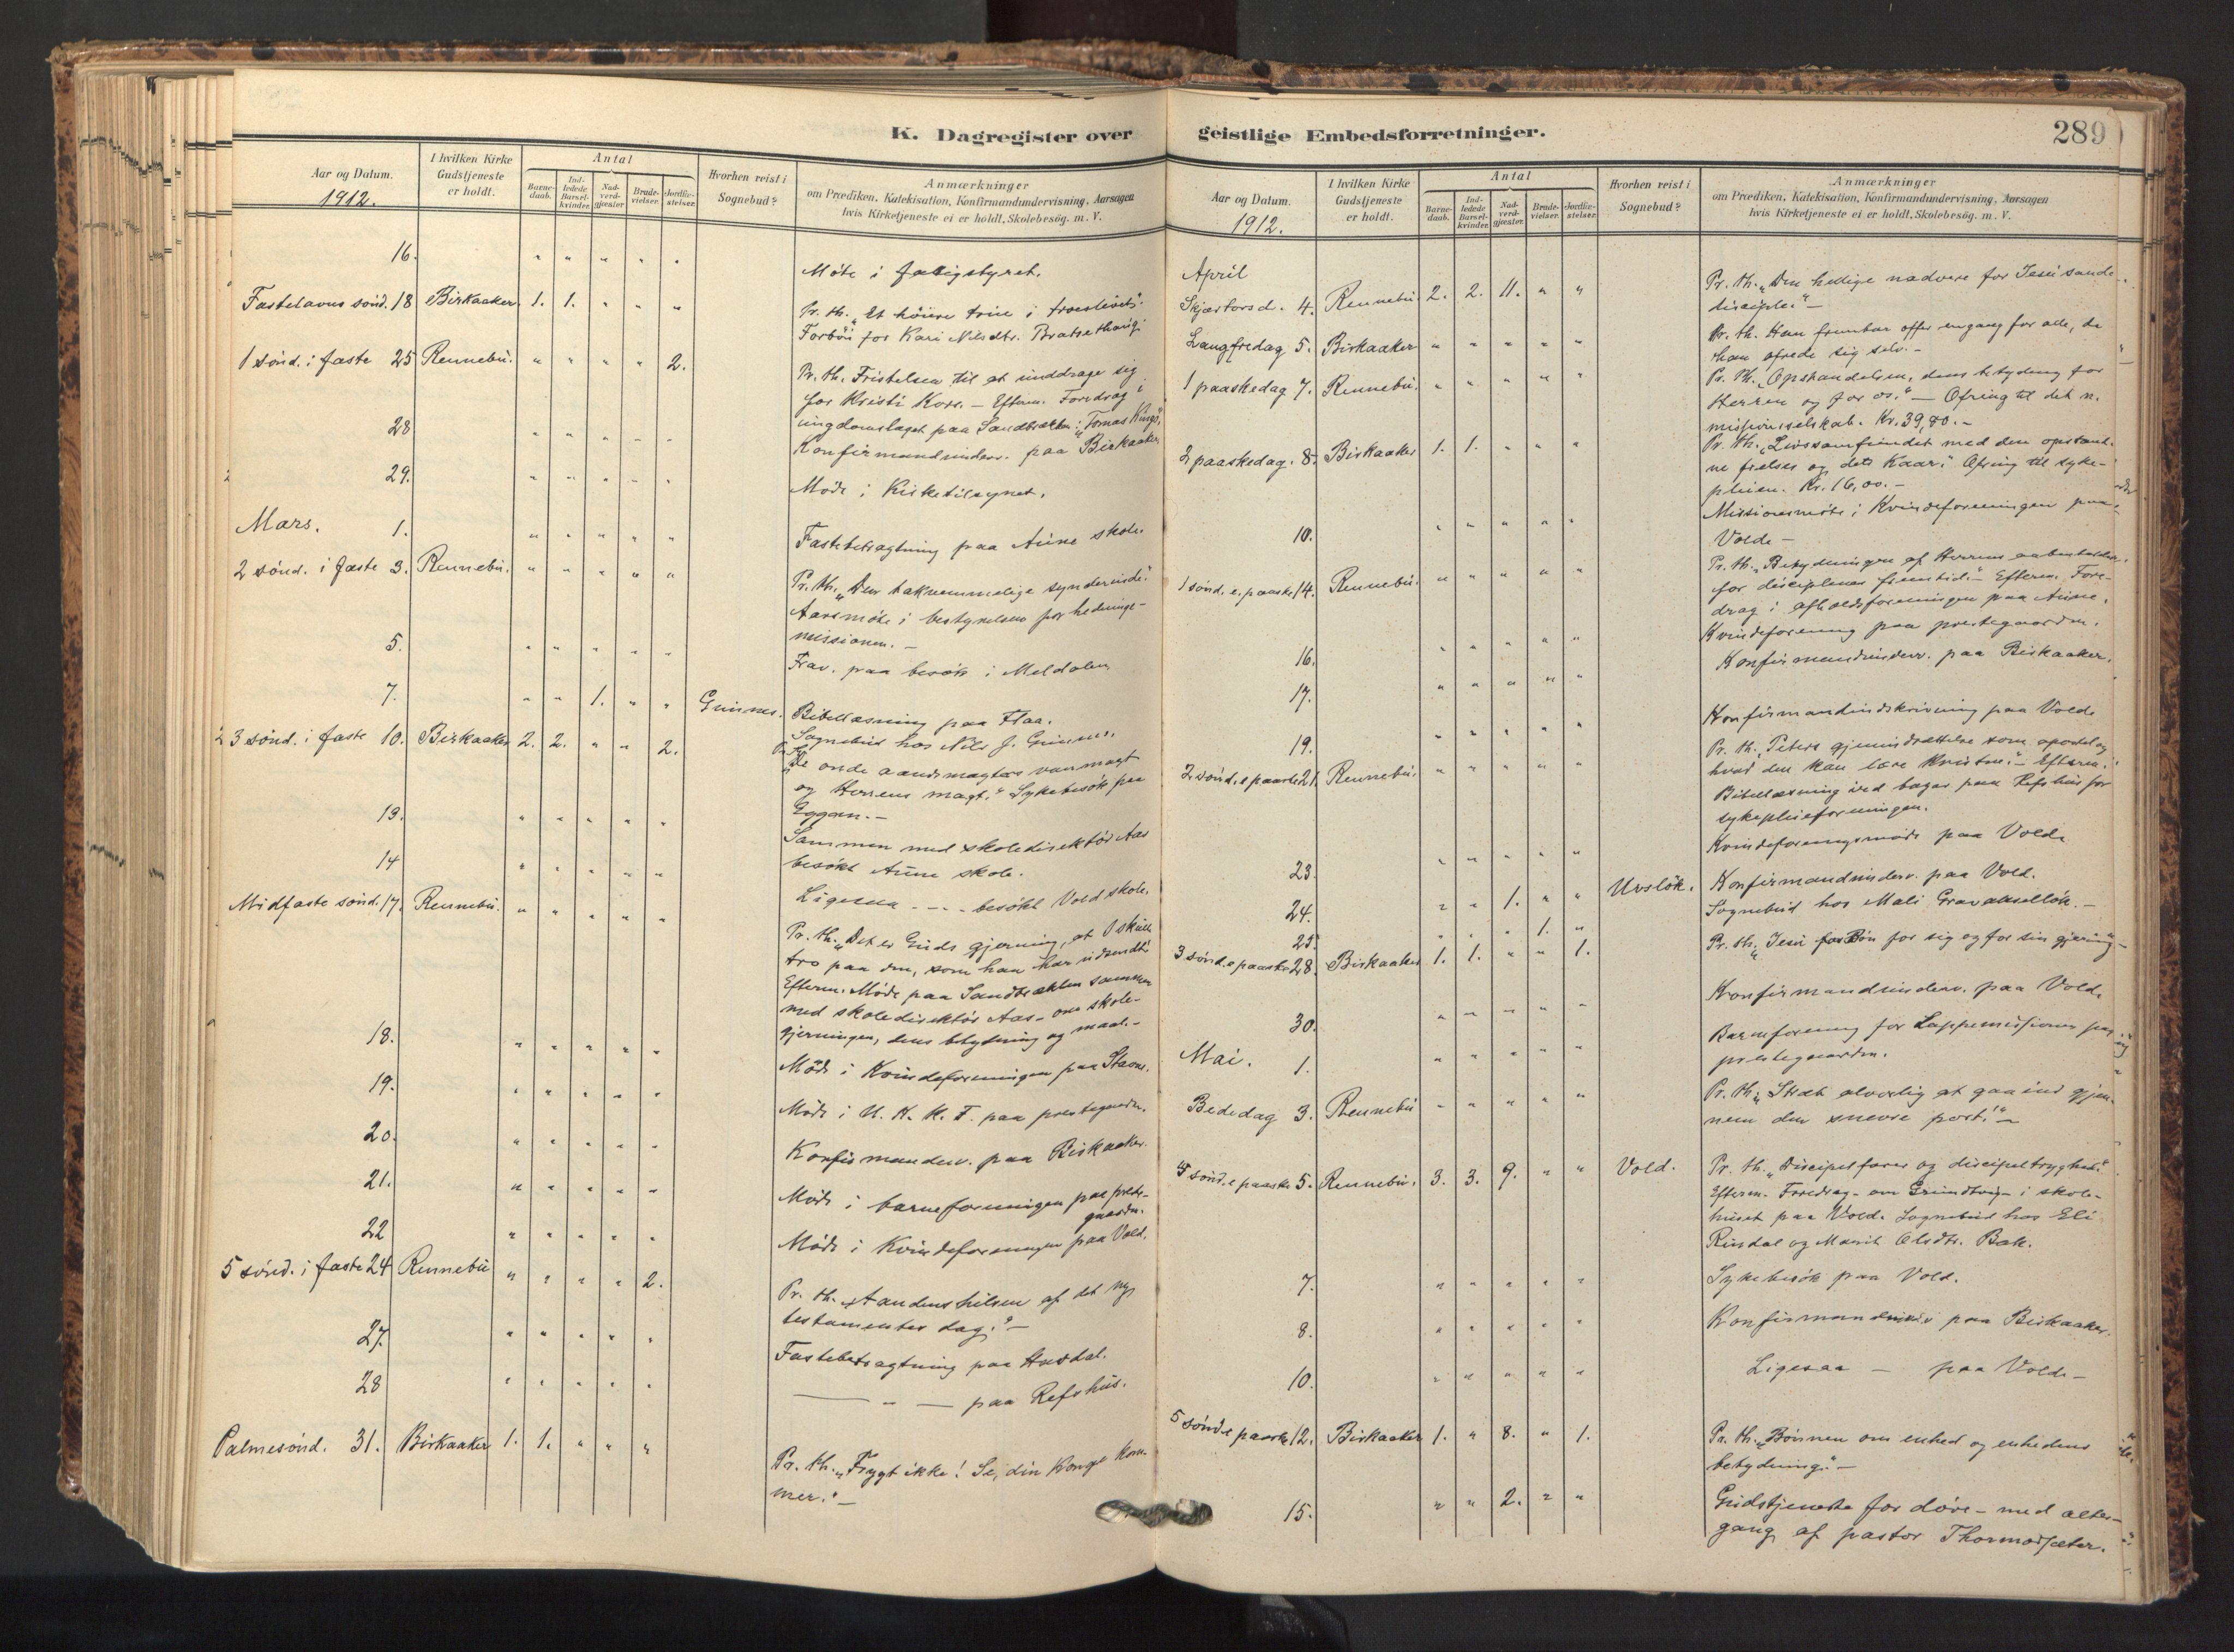 SAT, Ministerialprotokoller, klokkerbøker og fødselsregistre - Sør-Trøndelag, 674/L0873: Ministerialbok nr. 674A05, 1908-1923, s. 289